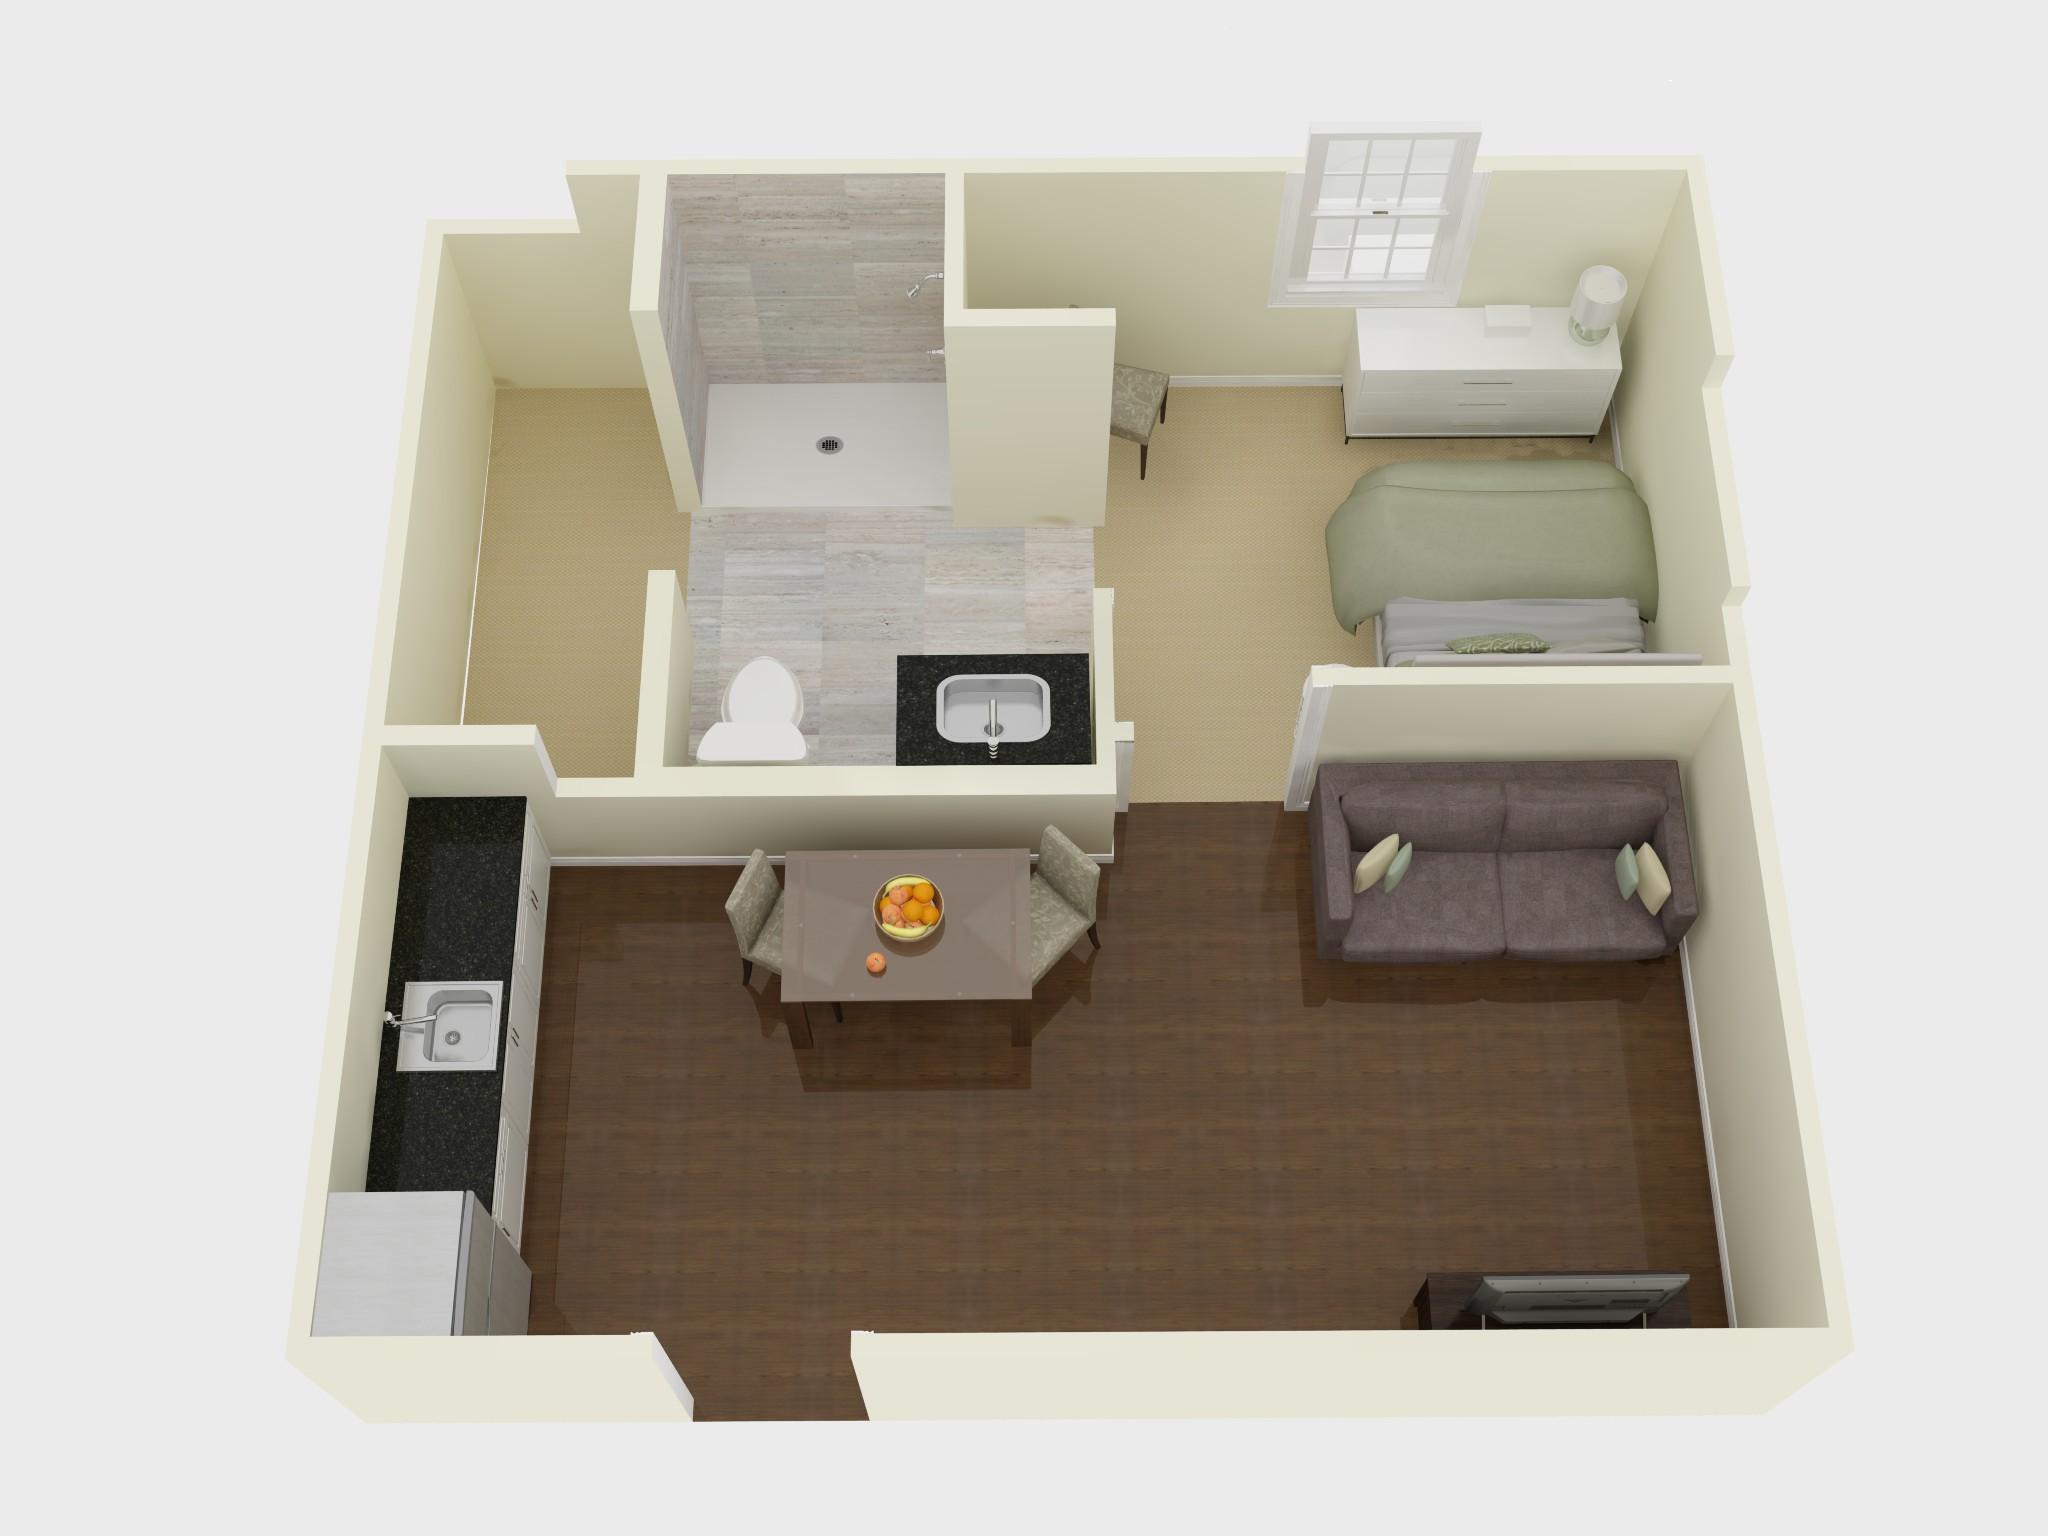 methodistVillageFS-rooms-3